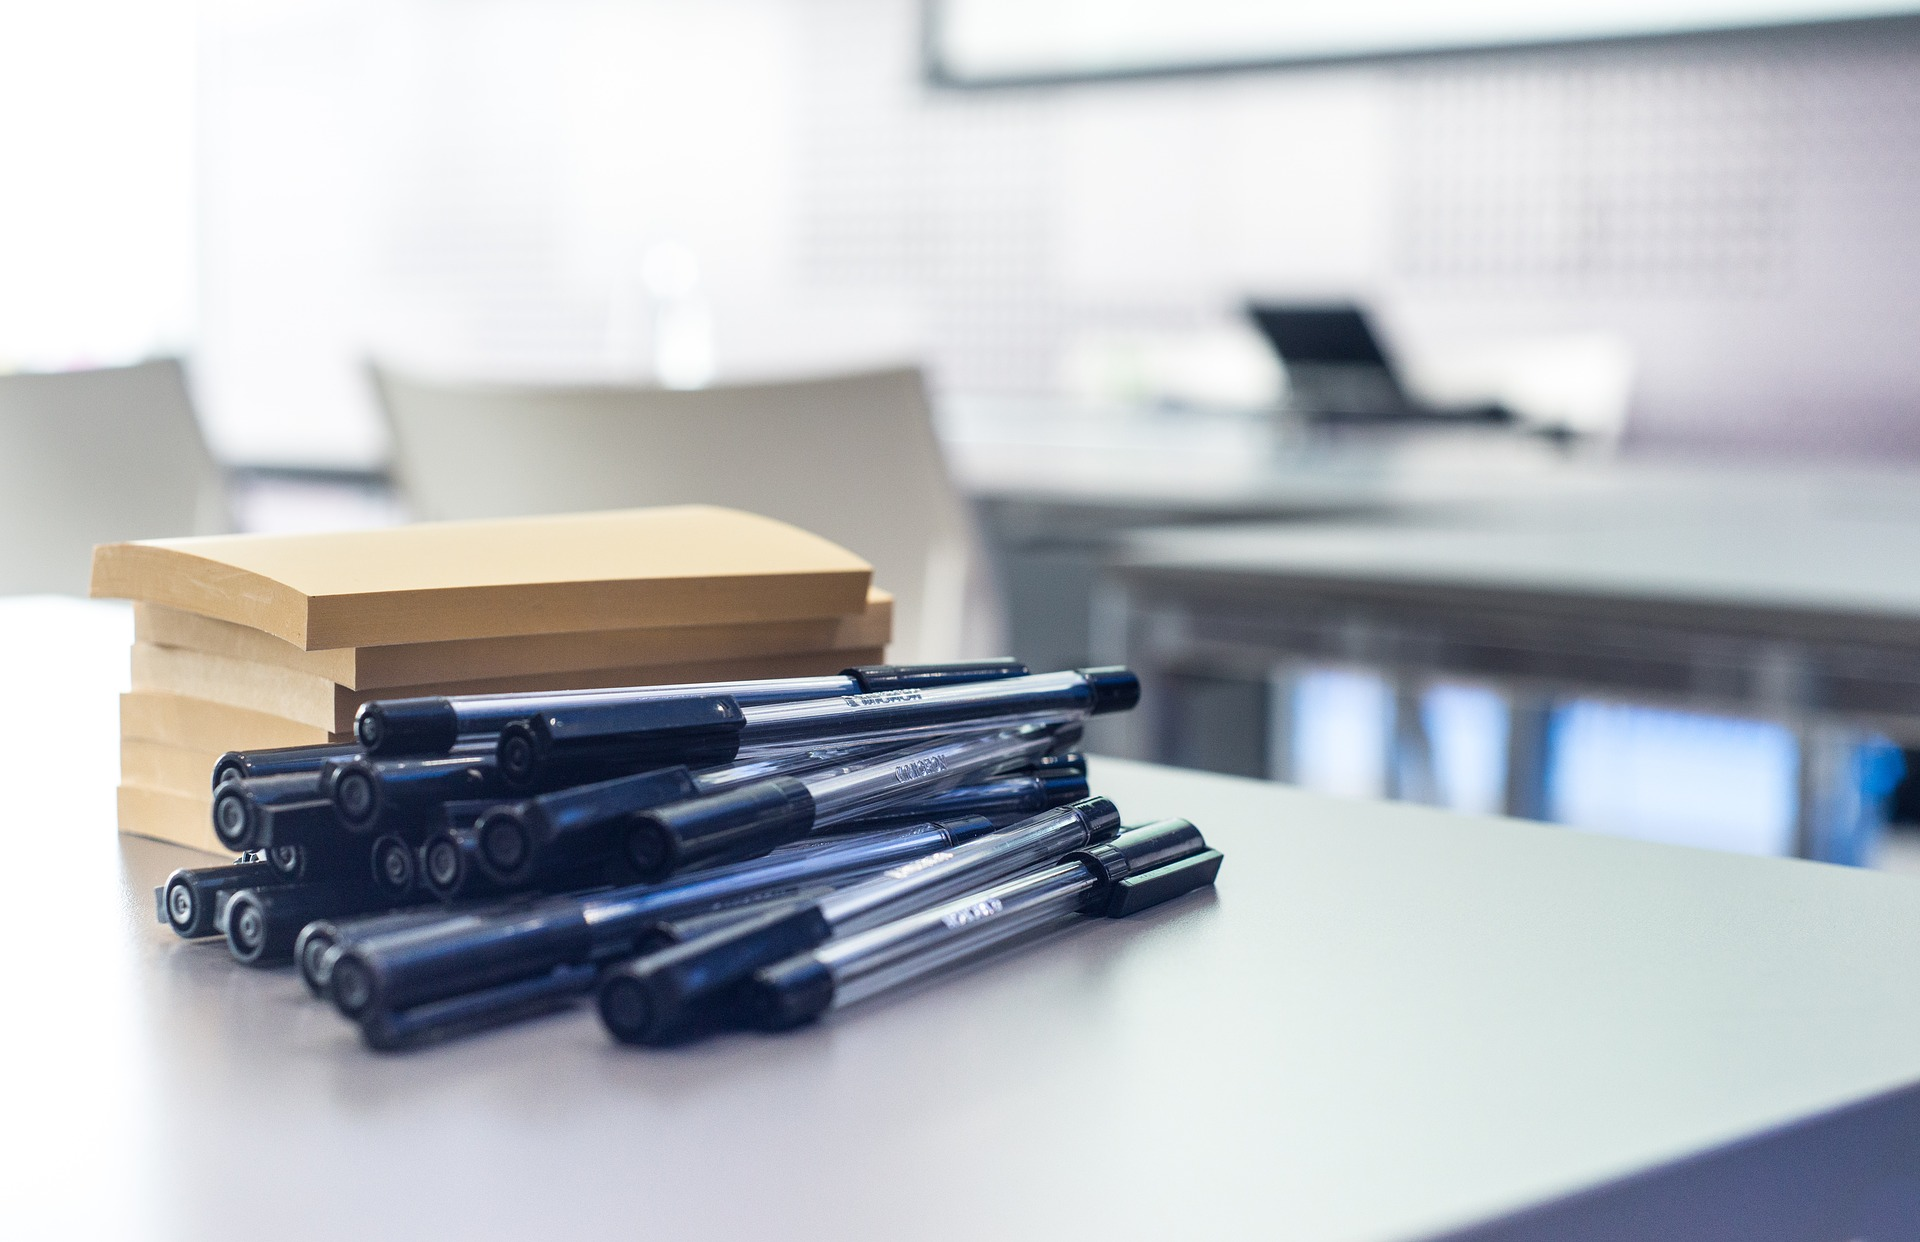 Командировки - 2019: новый порядок оплаты командировочных.  Новый порядок и размеры возмещения расходов, гарантии и компенсации при служебных командировках